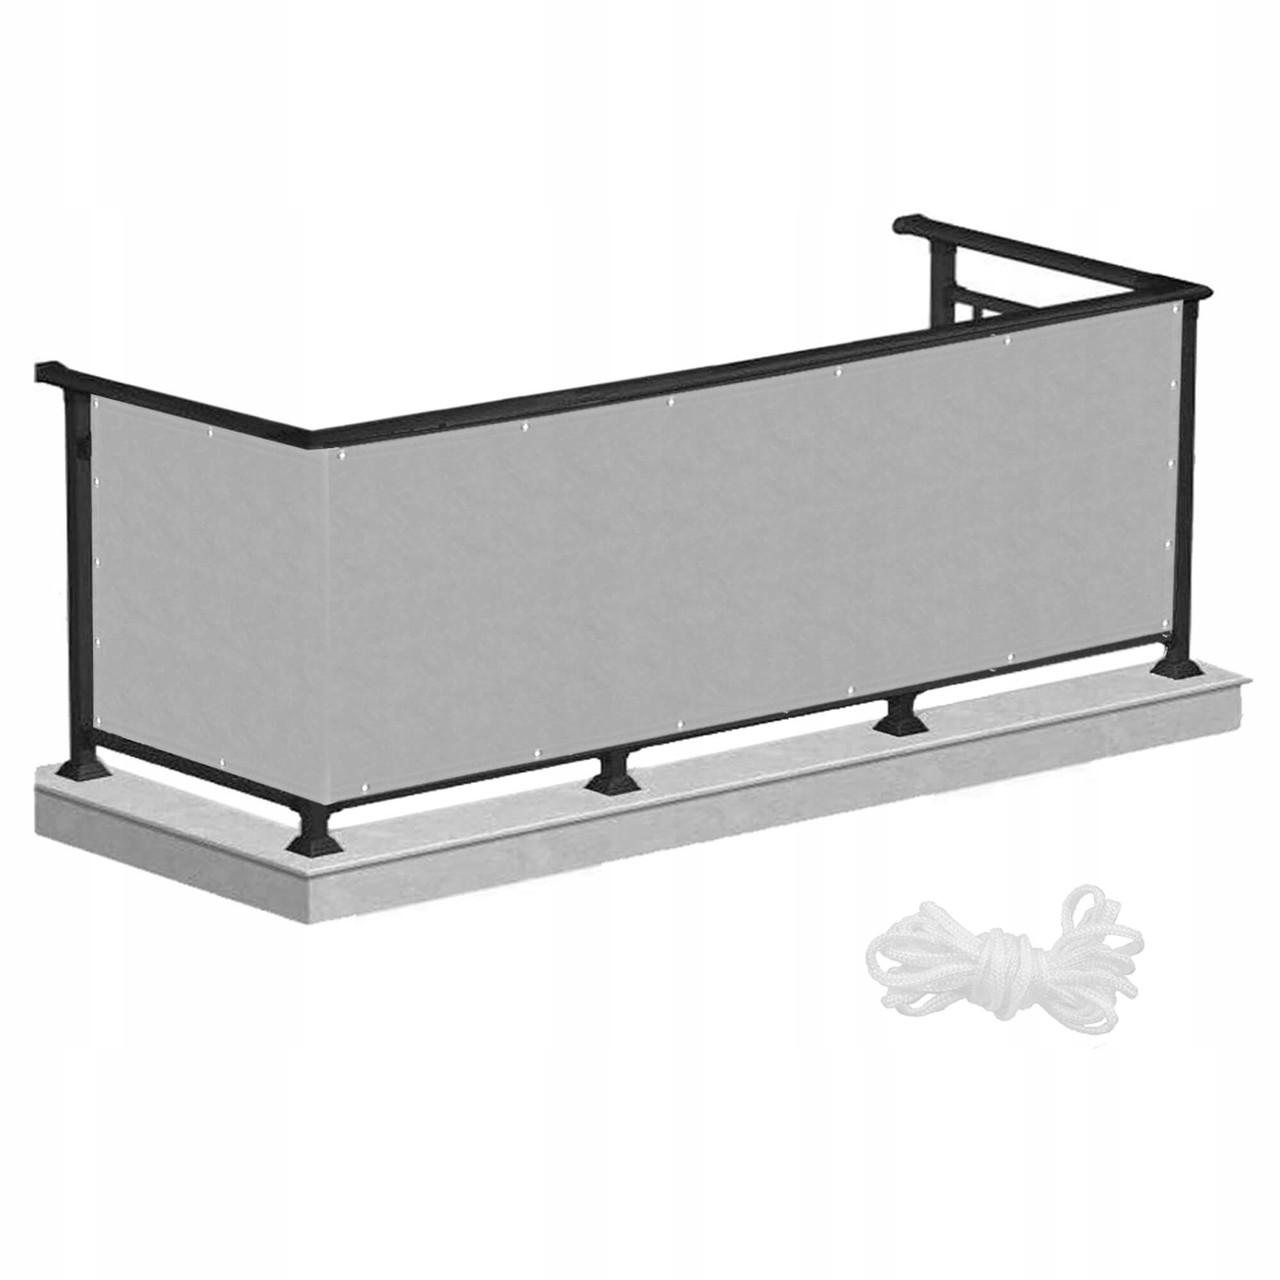 Ширма для балкона (балконный занавес) Springos 0.9 x 5 м BN1012 Grey